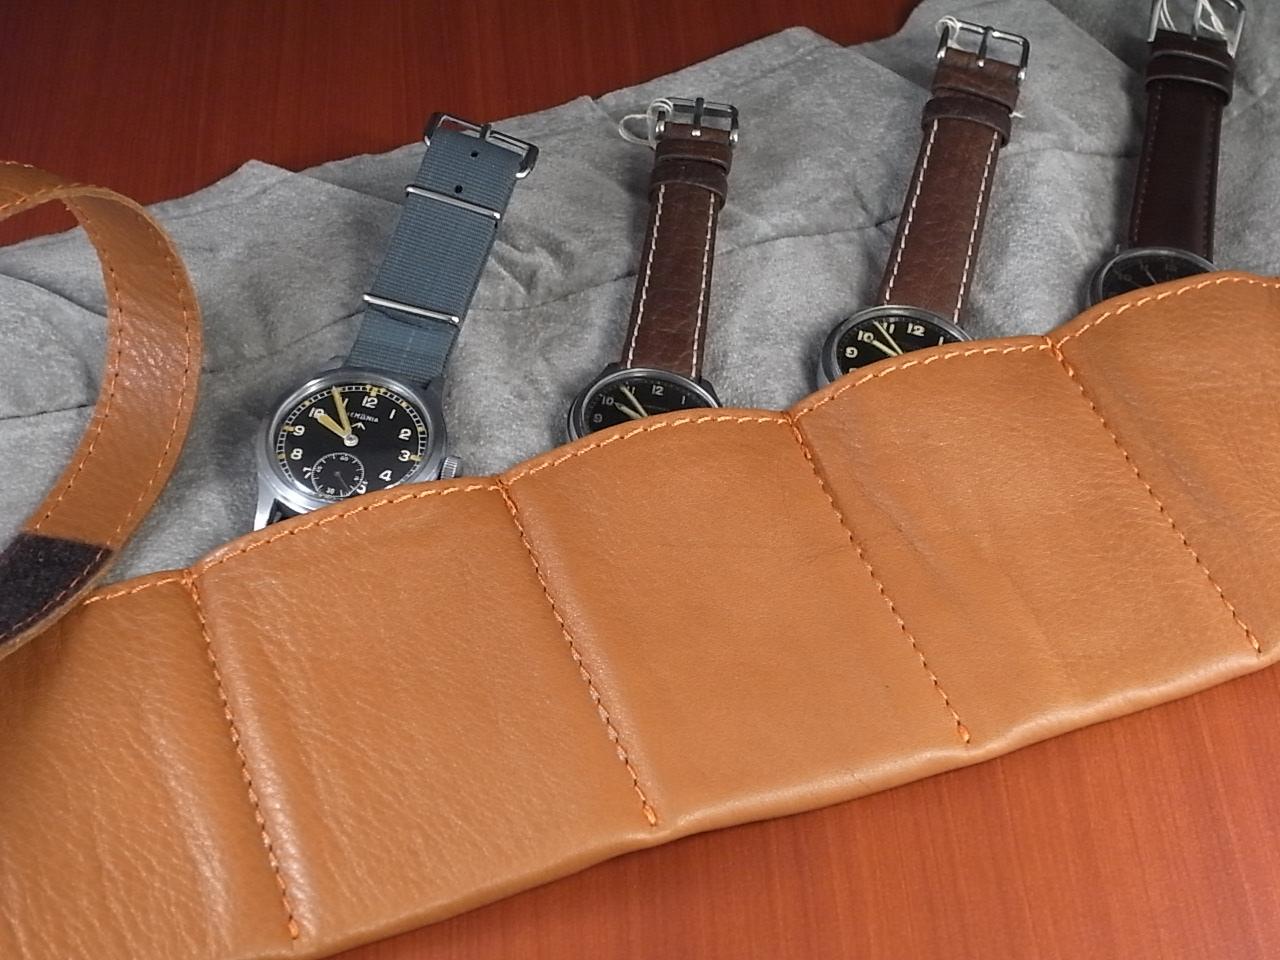 本革時計ケース 携帯タイプ 6本用 イタリア製 茶 オレンジステッチの写真2枚目